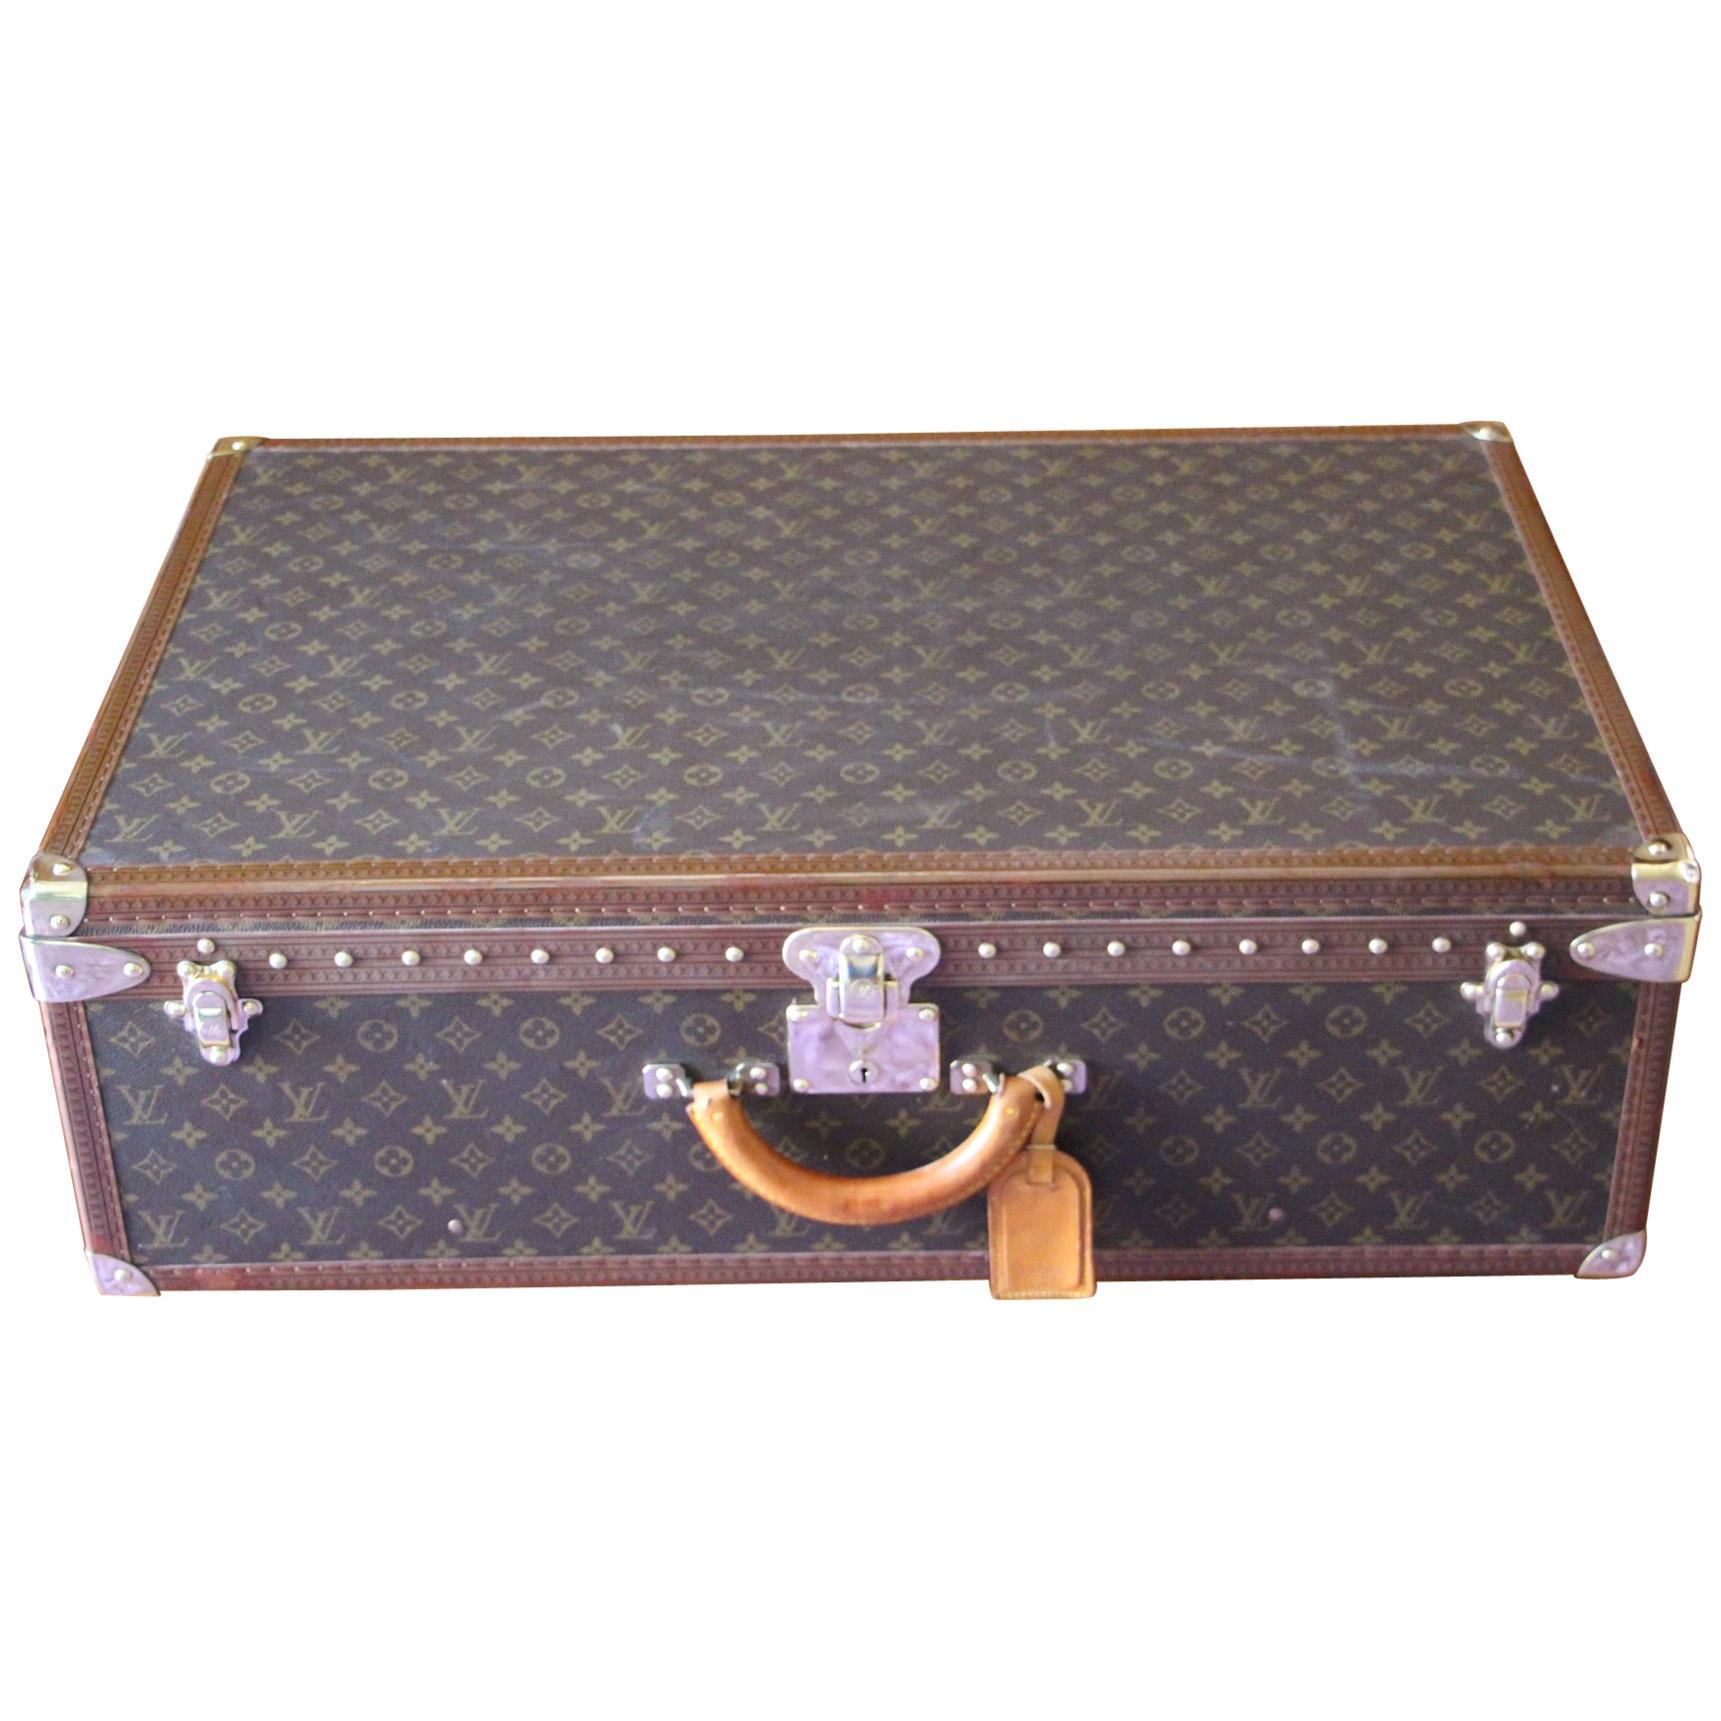 Louis Vuitton Suitcase, Alzer 80 Louis Vuitton Suitcase,Large Vuitton Suitcase